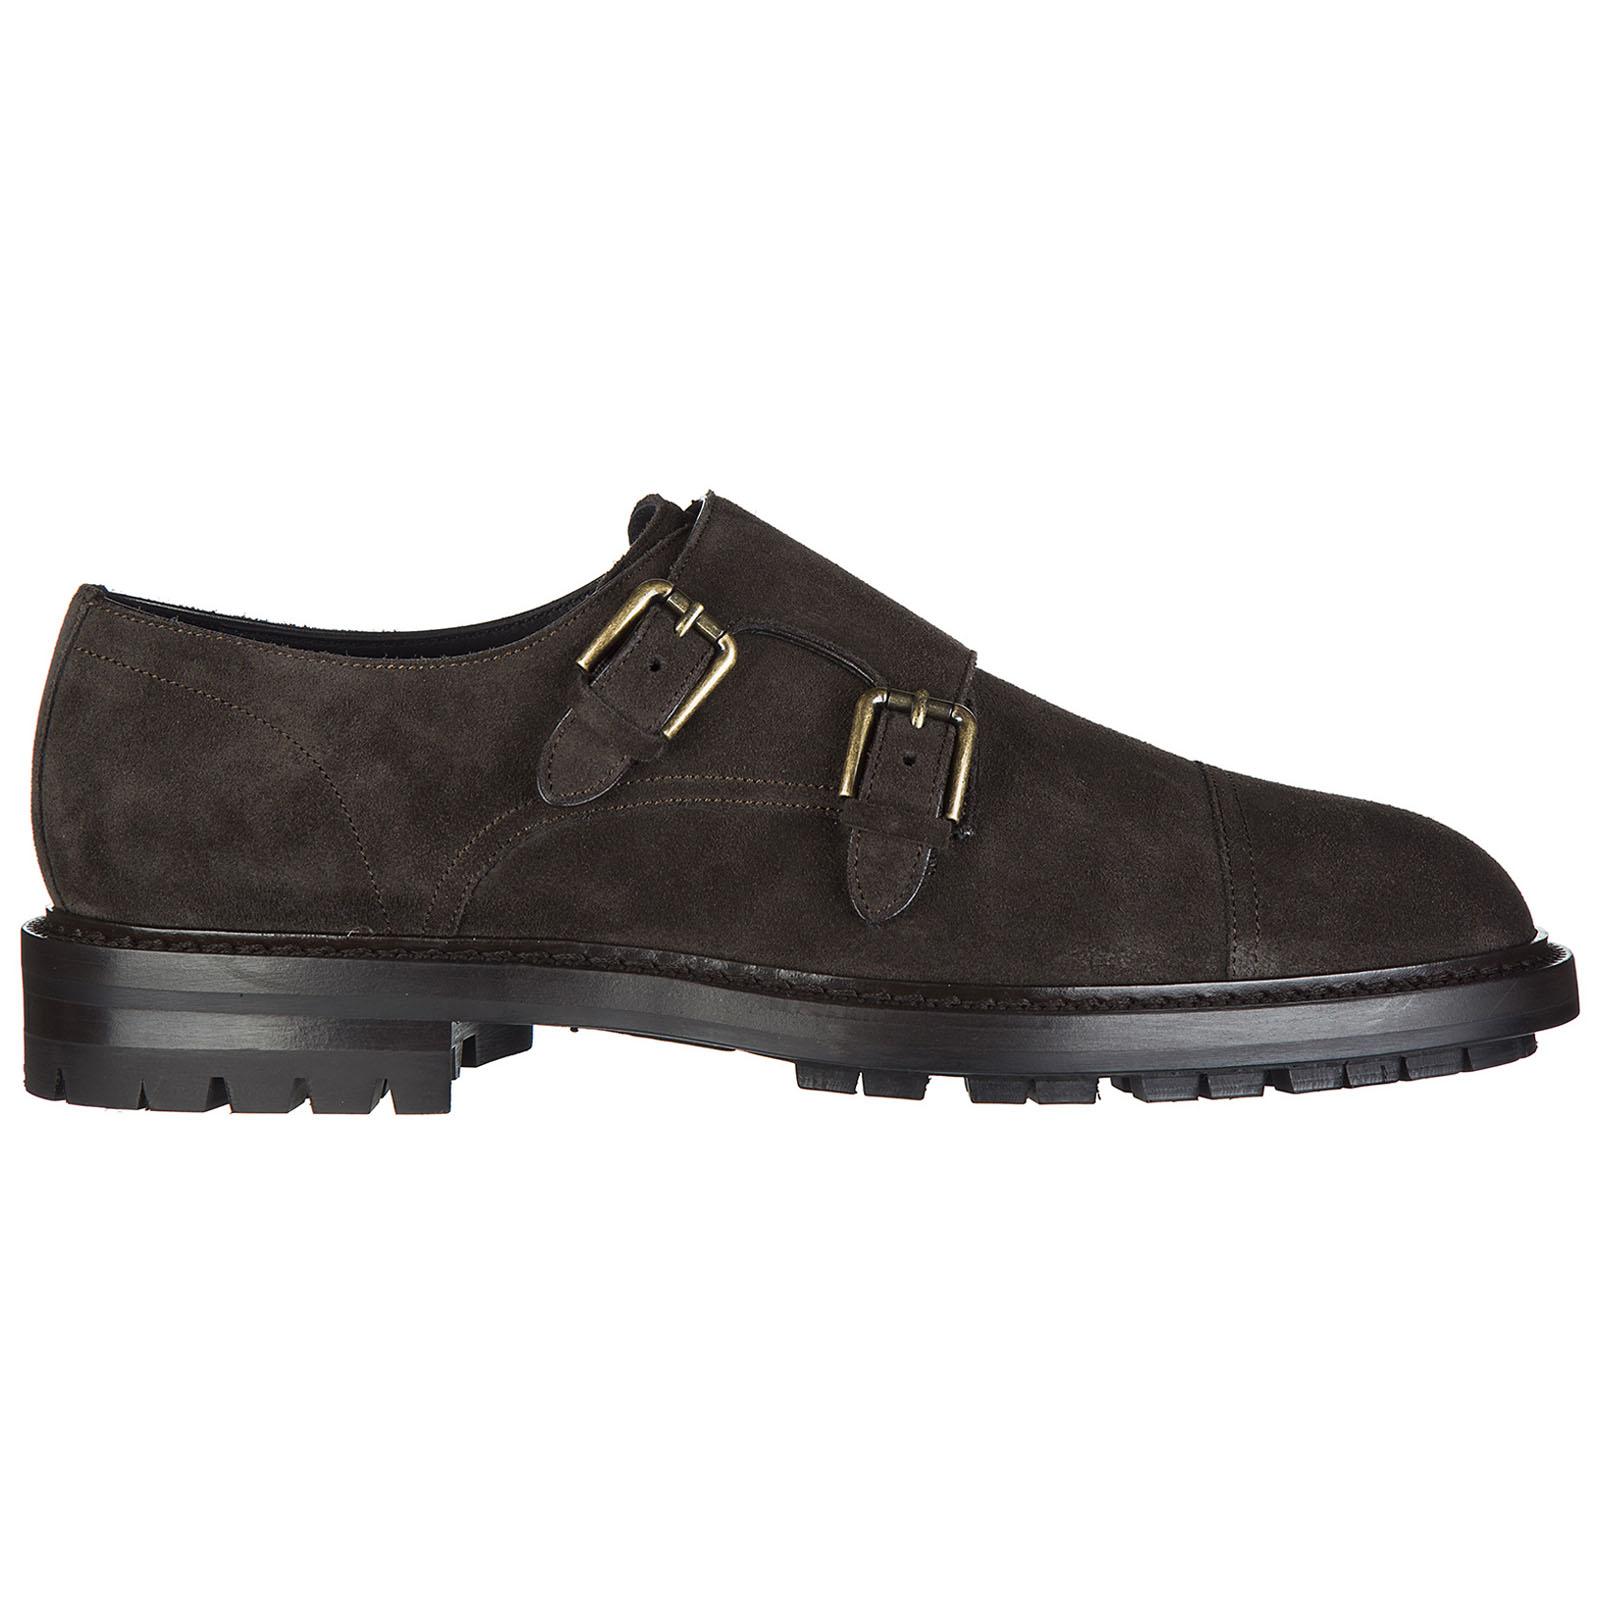 Clásico zapatos en ante hombres marsala